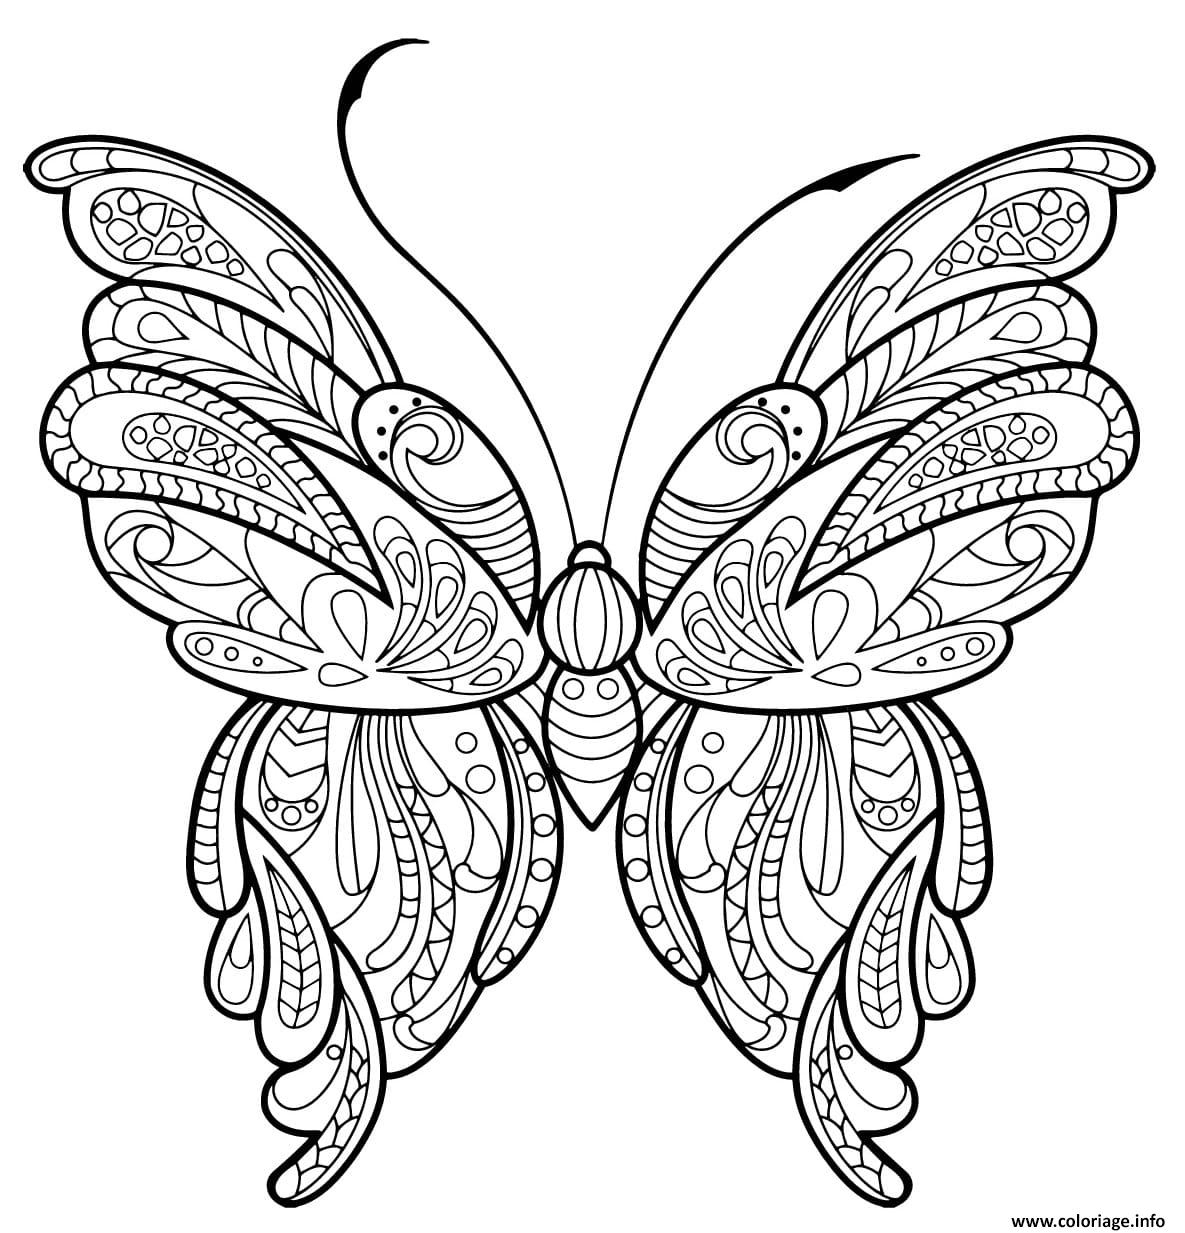 Coloriage Papillon Zentangle Jolis Motifs 16 Dessin à Dessin A Imprimer Papillon Gratuit